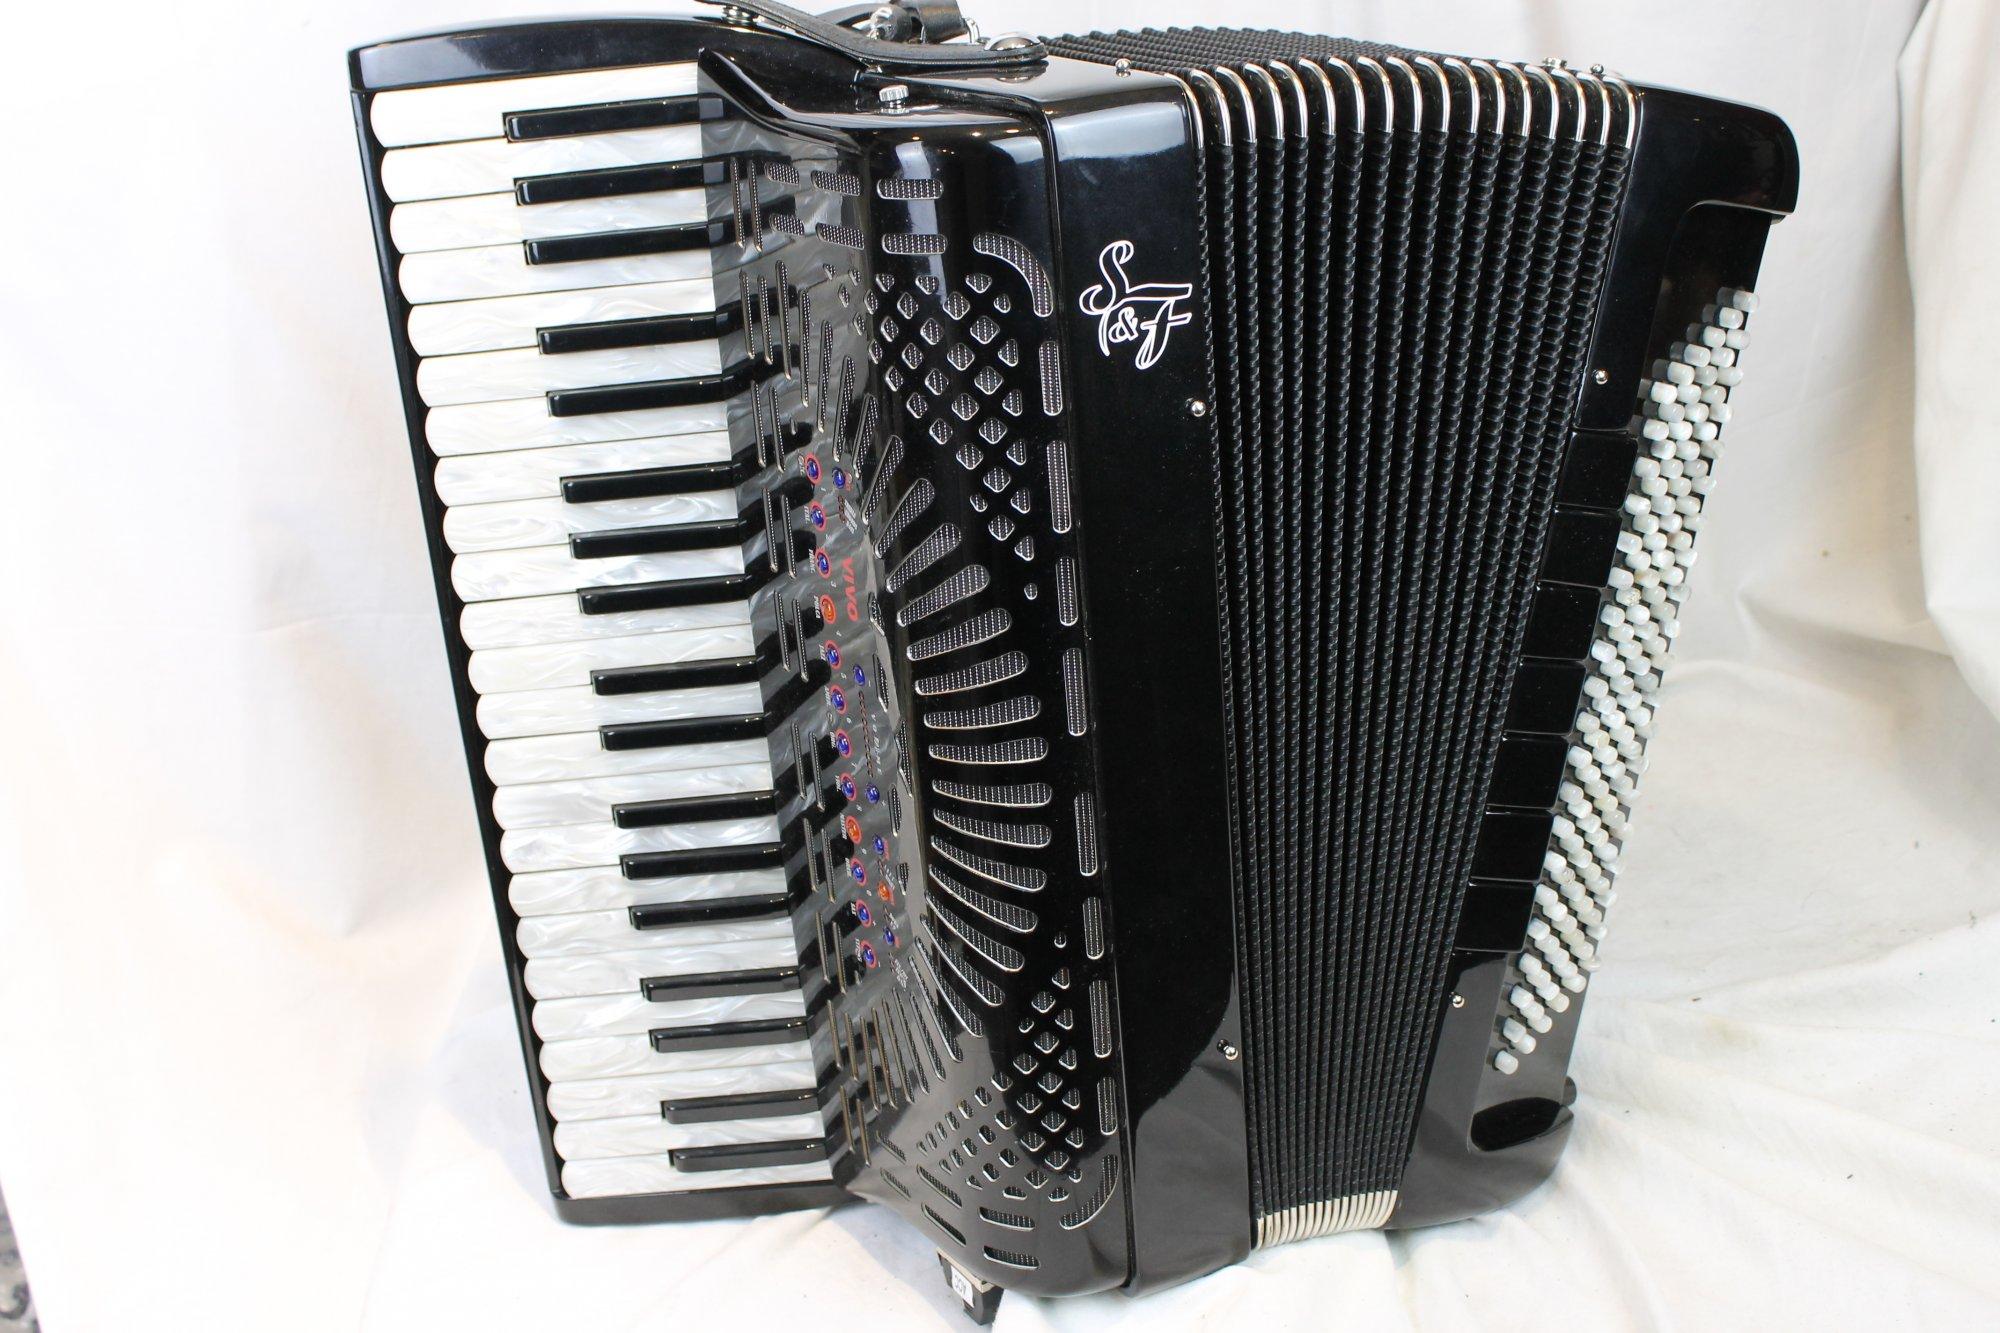 3728 - Black Siwa & Figli Vivo Wireless Digital Piano Accordion 41 120